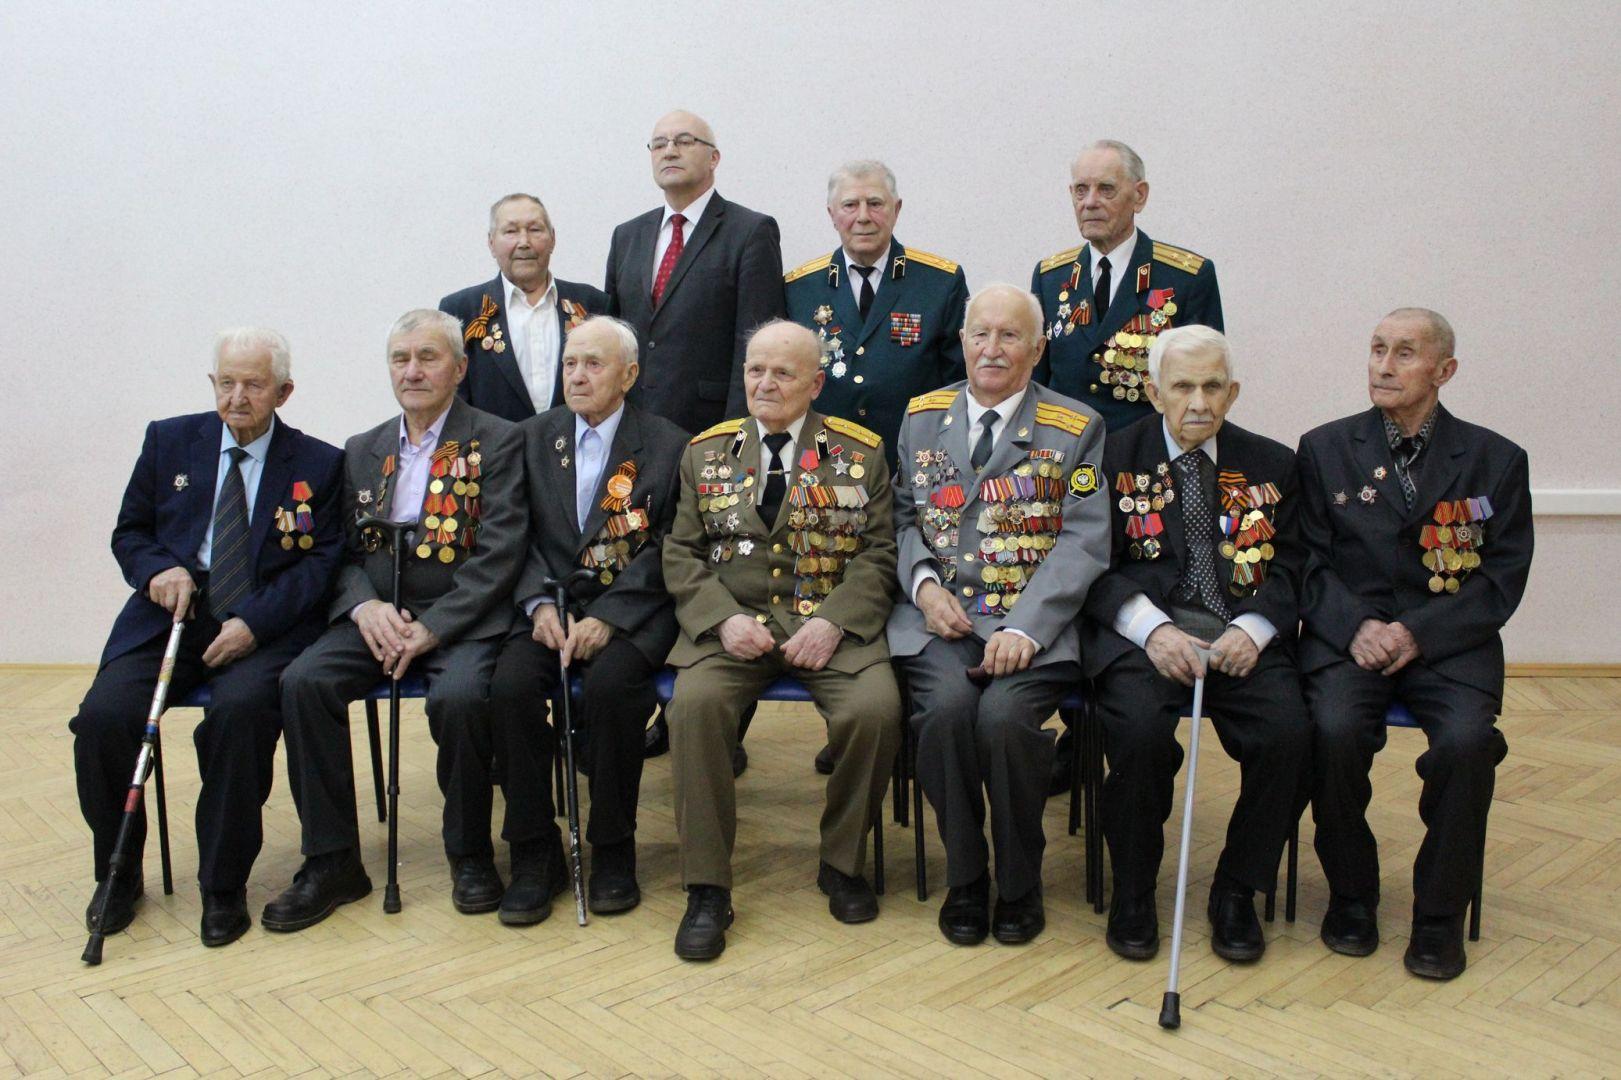 Фото на память: владимирские ветераны и руководитель отделения посольства Республики Беларусь в Нижнем Новгороде Власов Александр